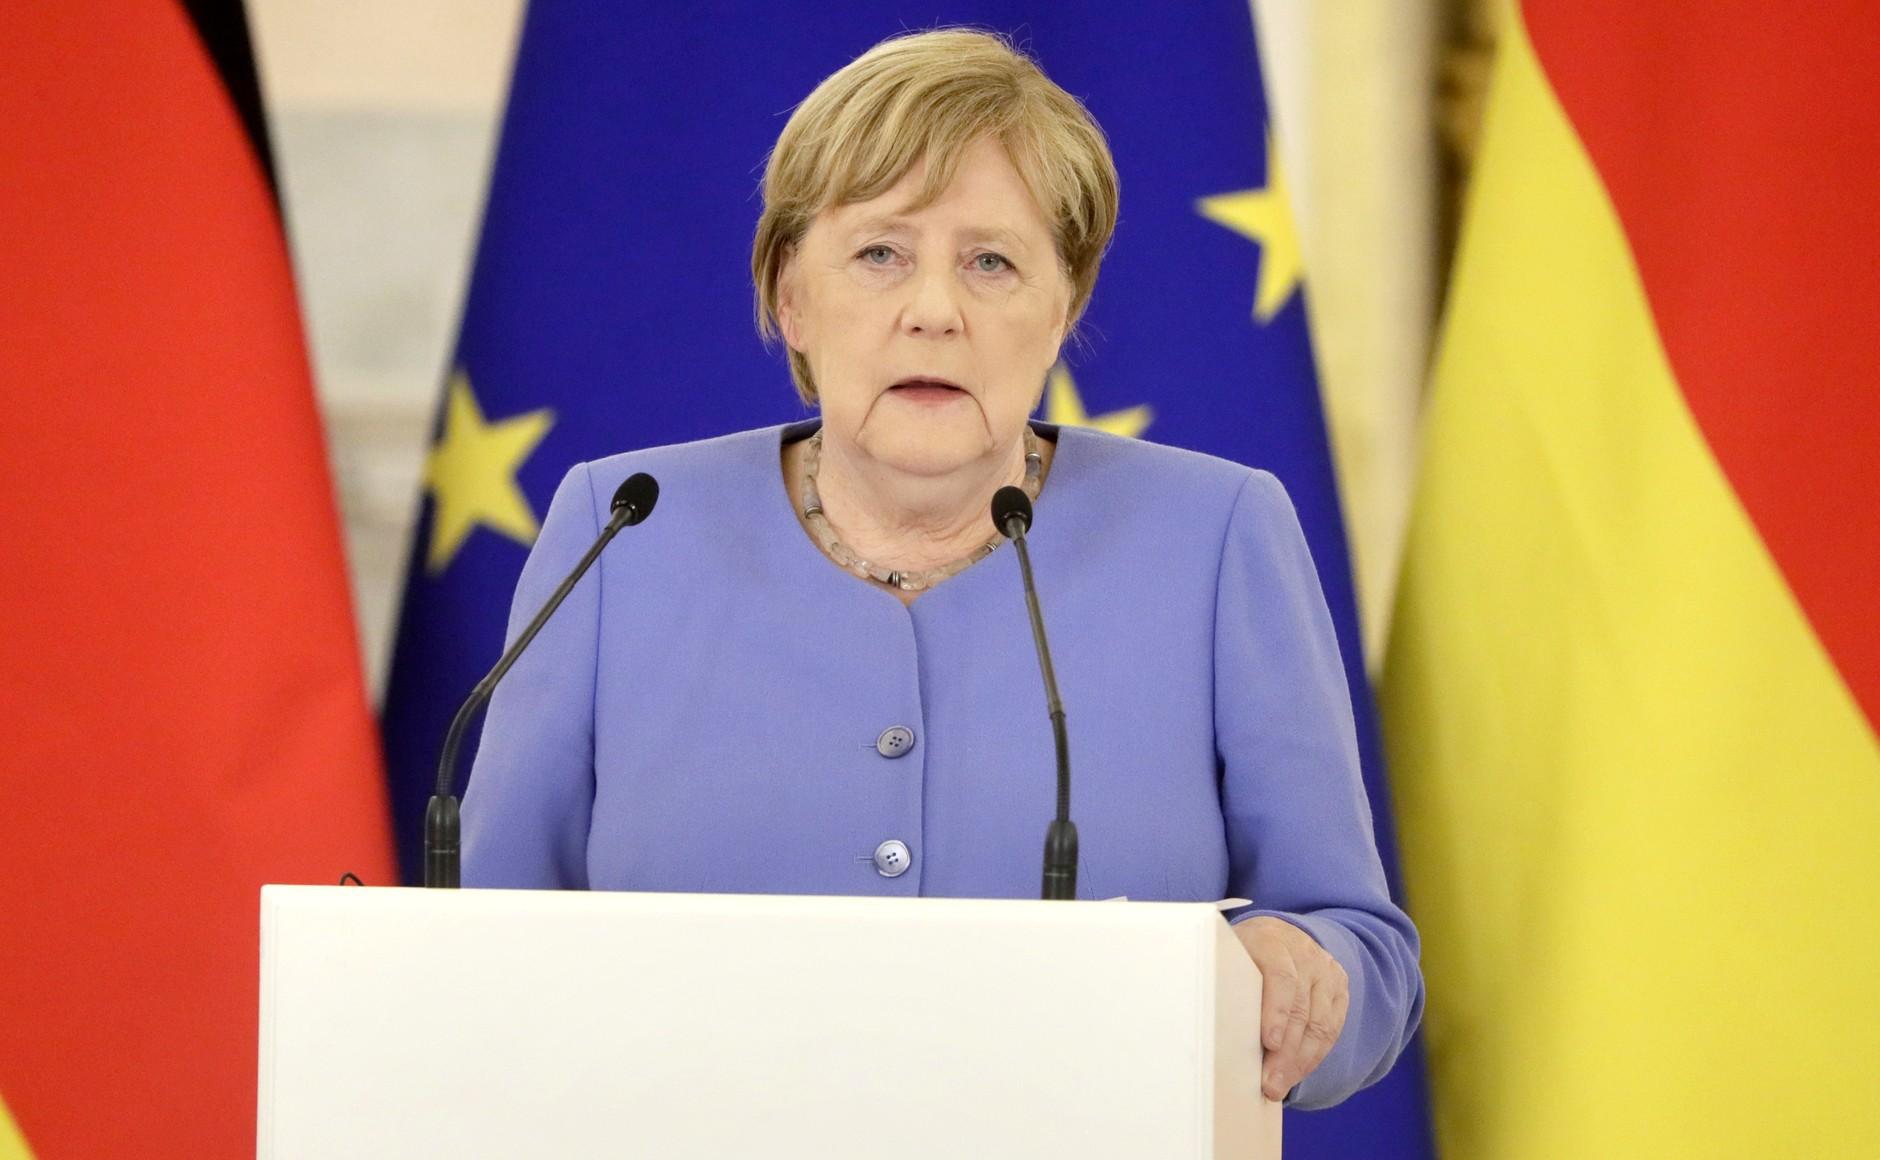 Kanclerz Angela Merkel spotka się z Morawieckim